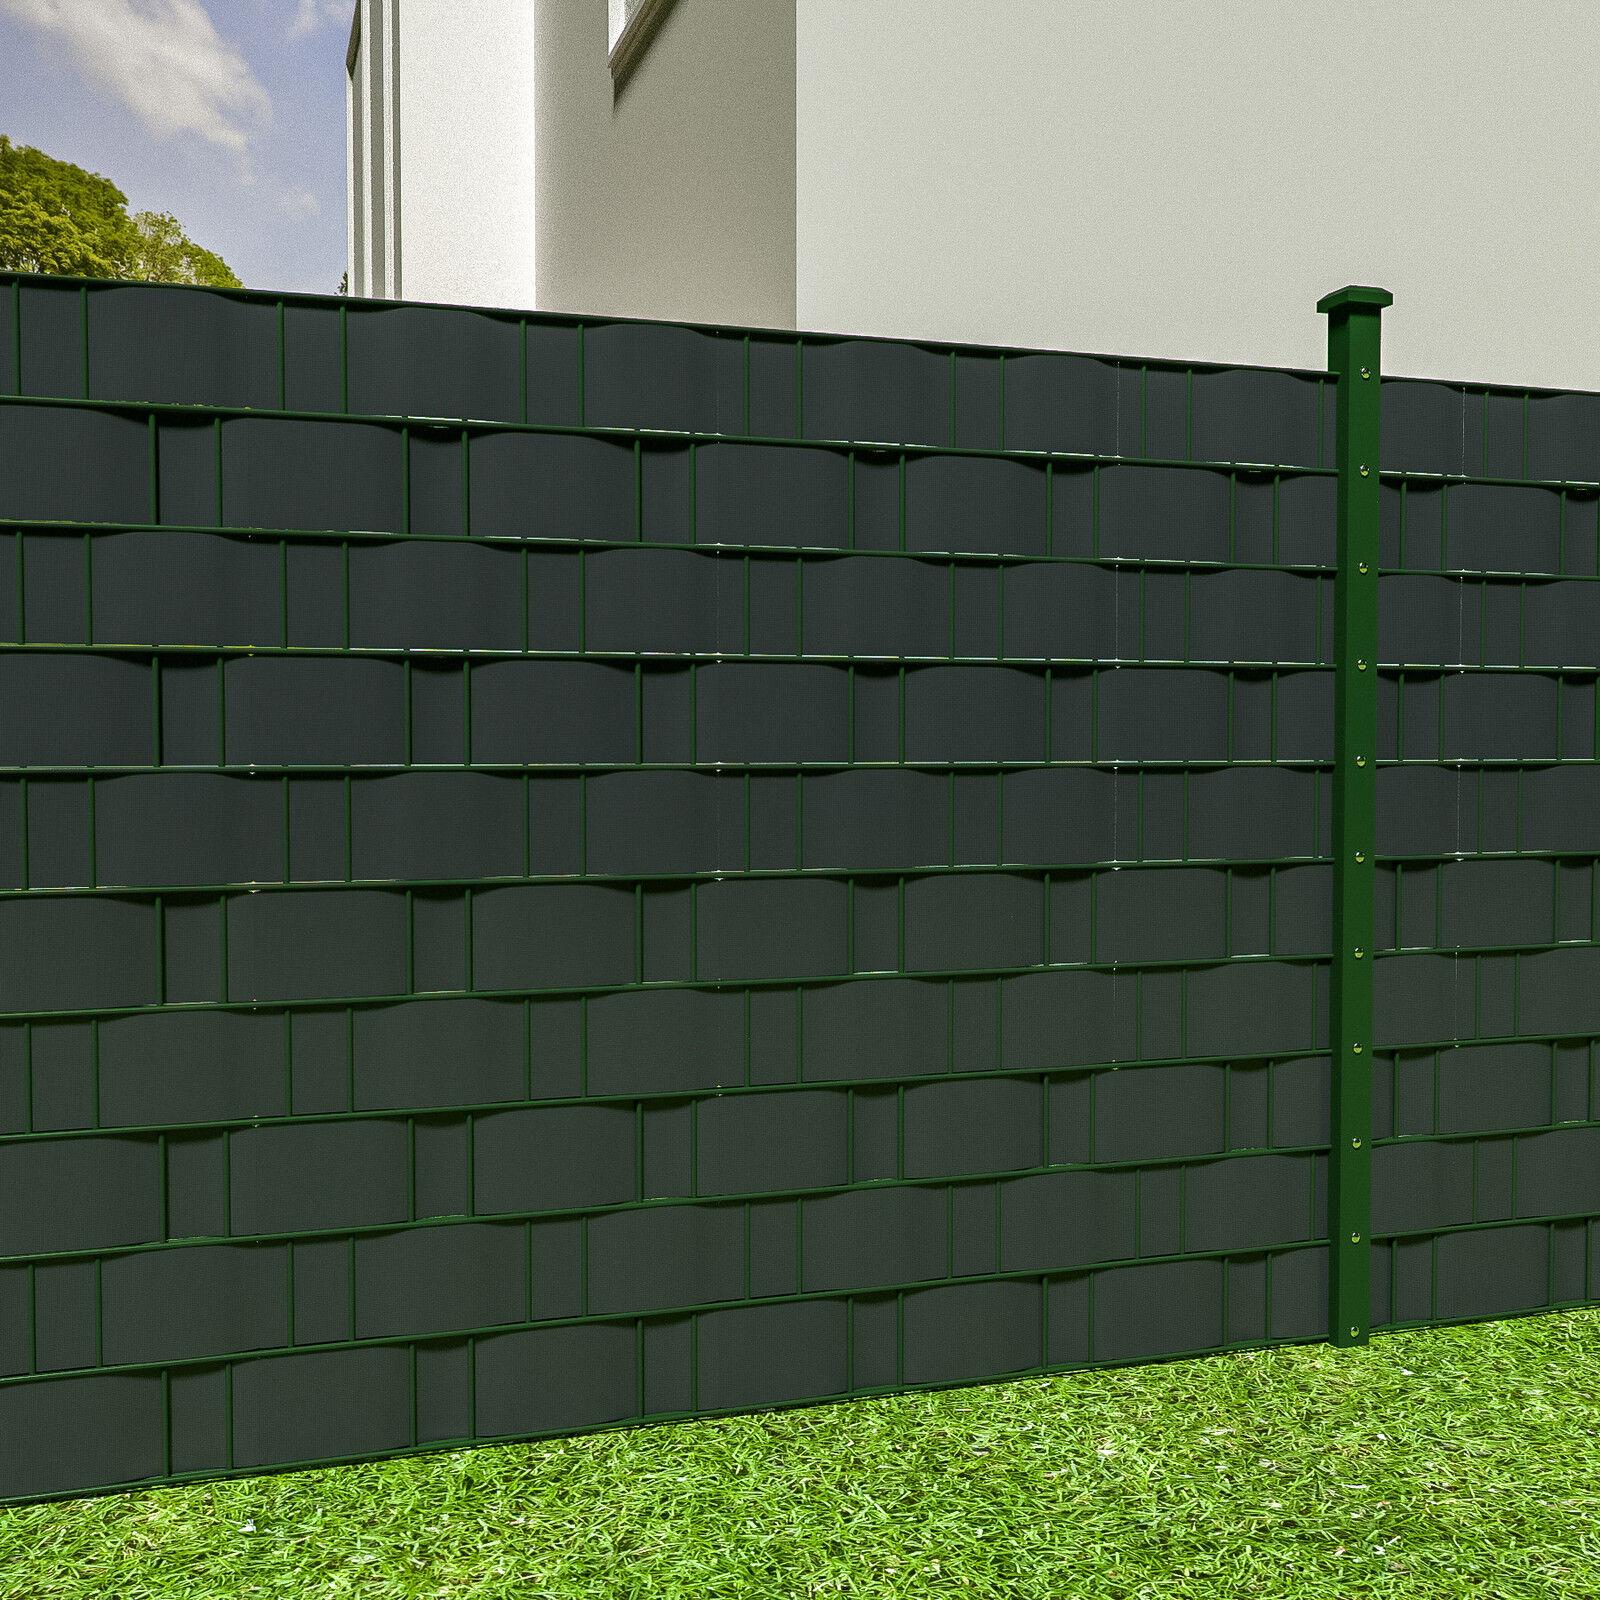 pvc sichtschutz streifen sichtschutzfolie doppelstabmatten zaun 70m anthrazit eur 34 99. Black Bedroom Furniture Sets. Home Design Ideas